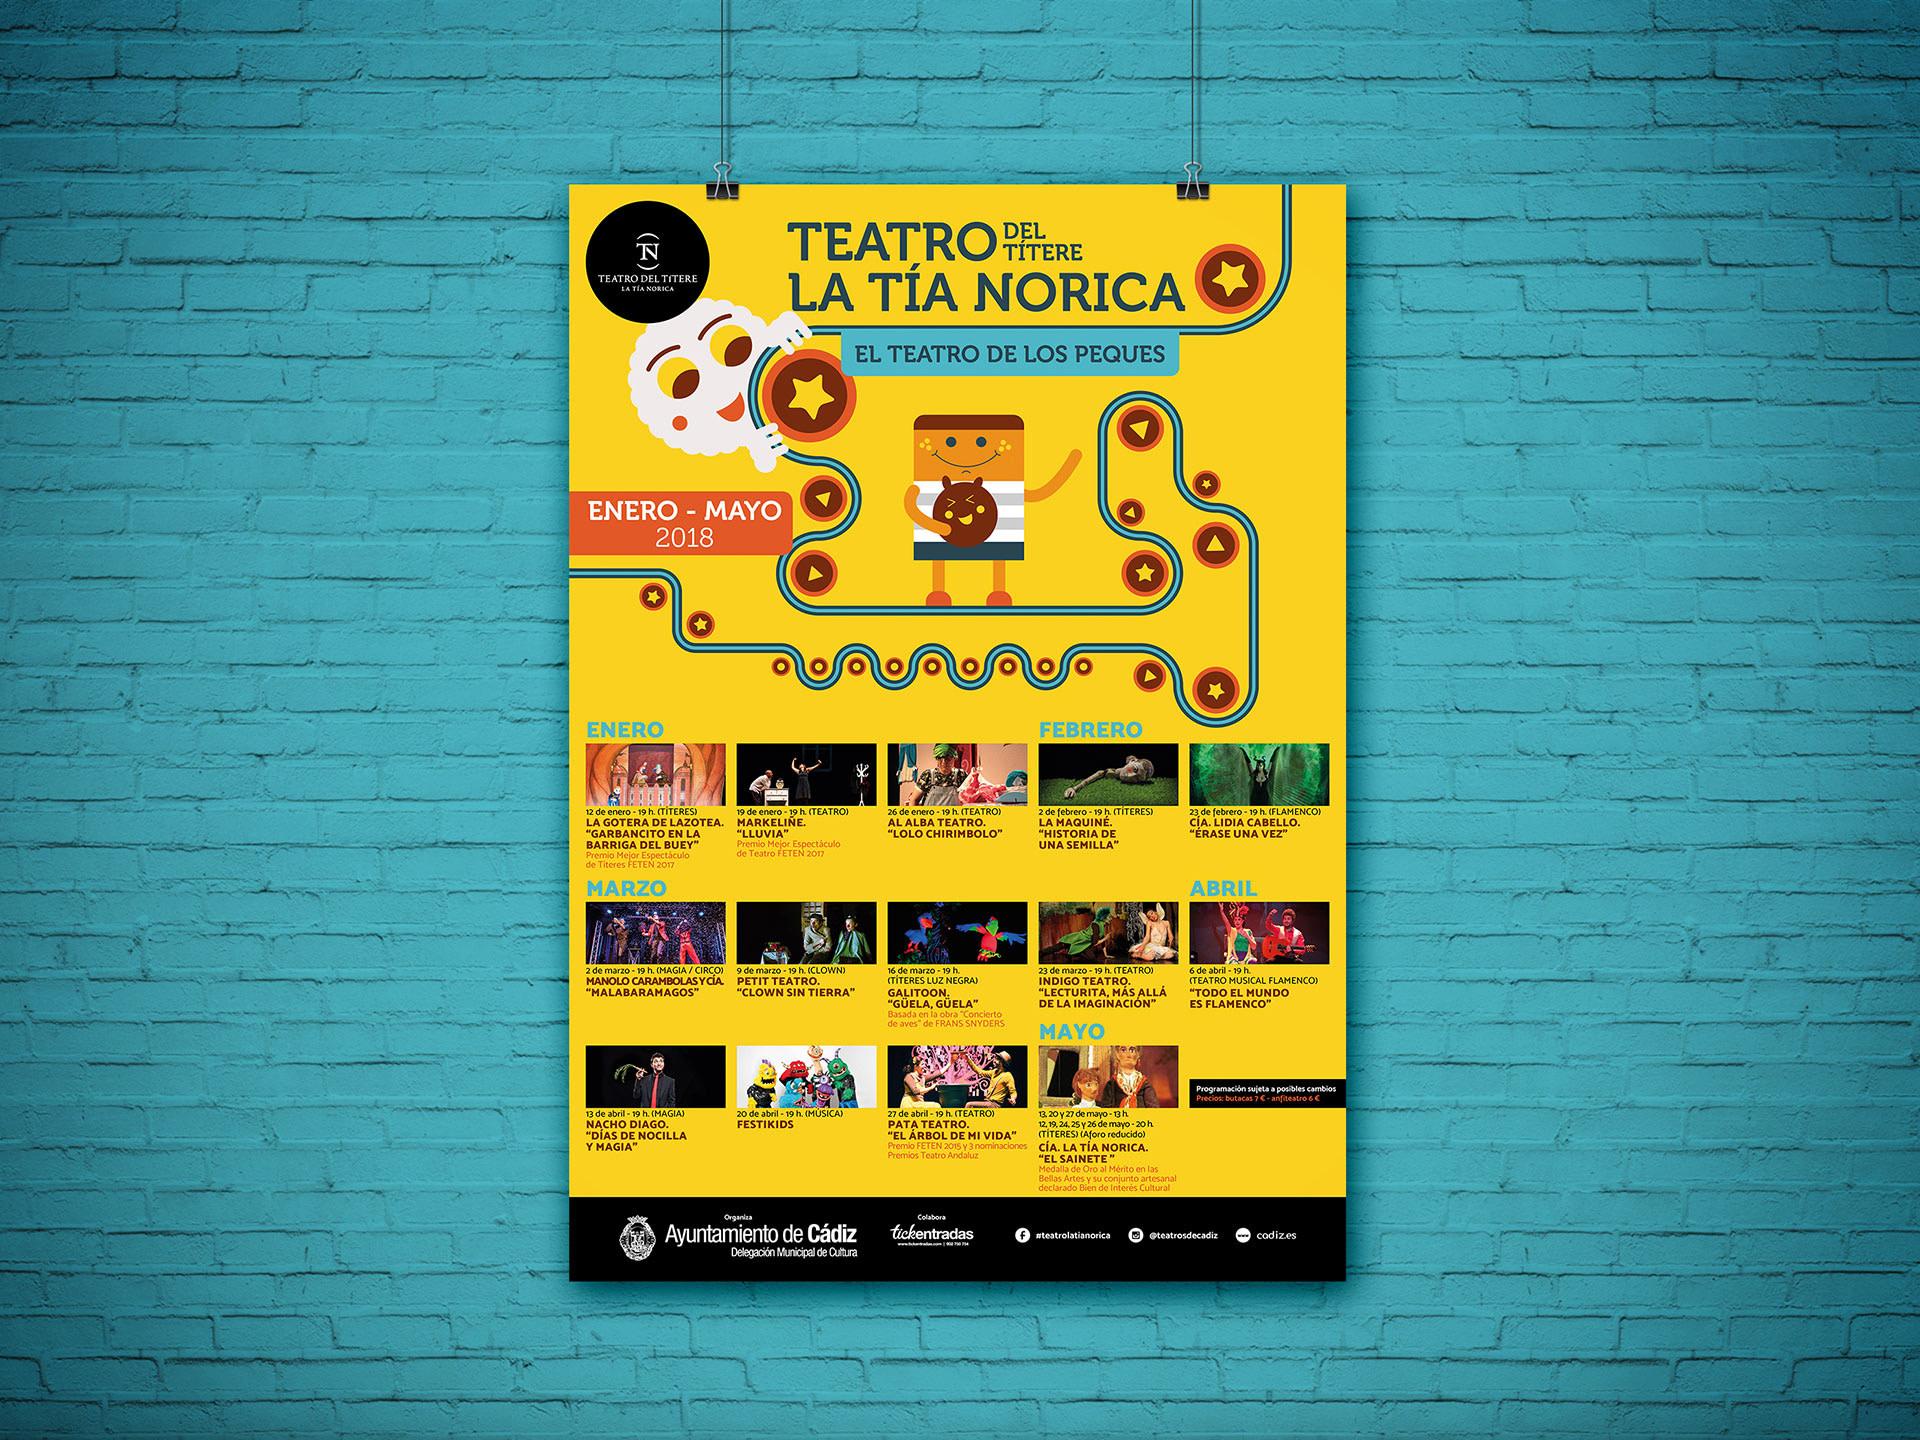 Cartel - Campaña de publicidad - Teatro del Títere - La Tía Norica (Enero - Mayo 2018)